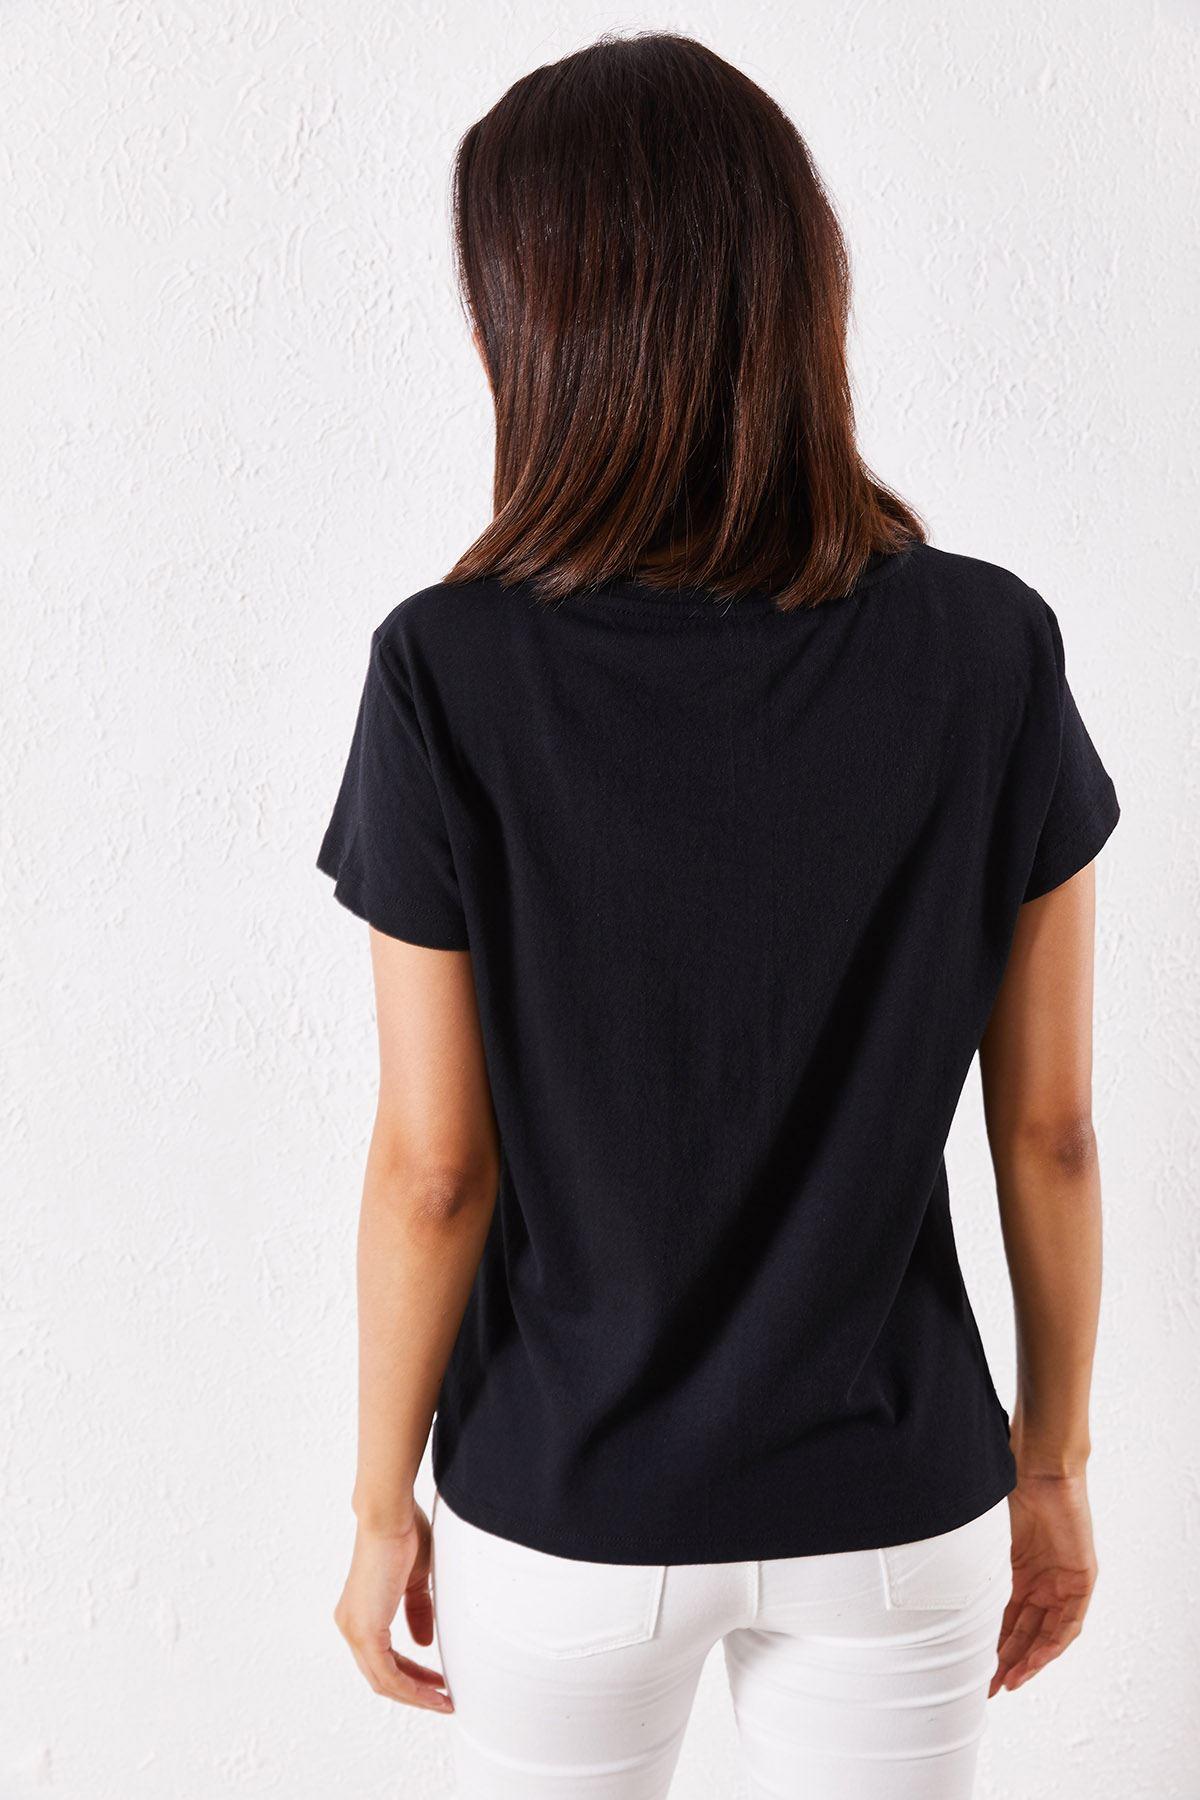 Kadın Eşli Dudak Baskılı Siyah Tişört